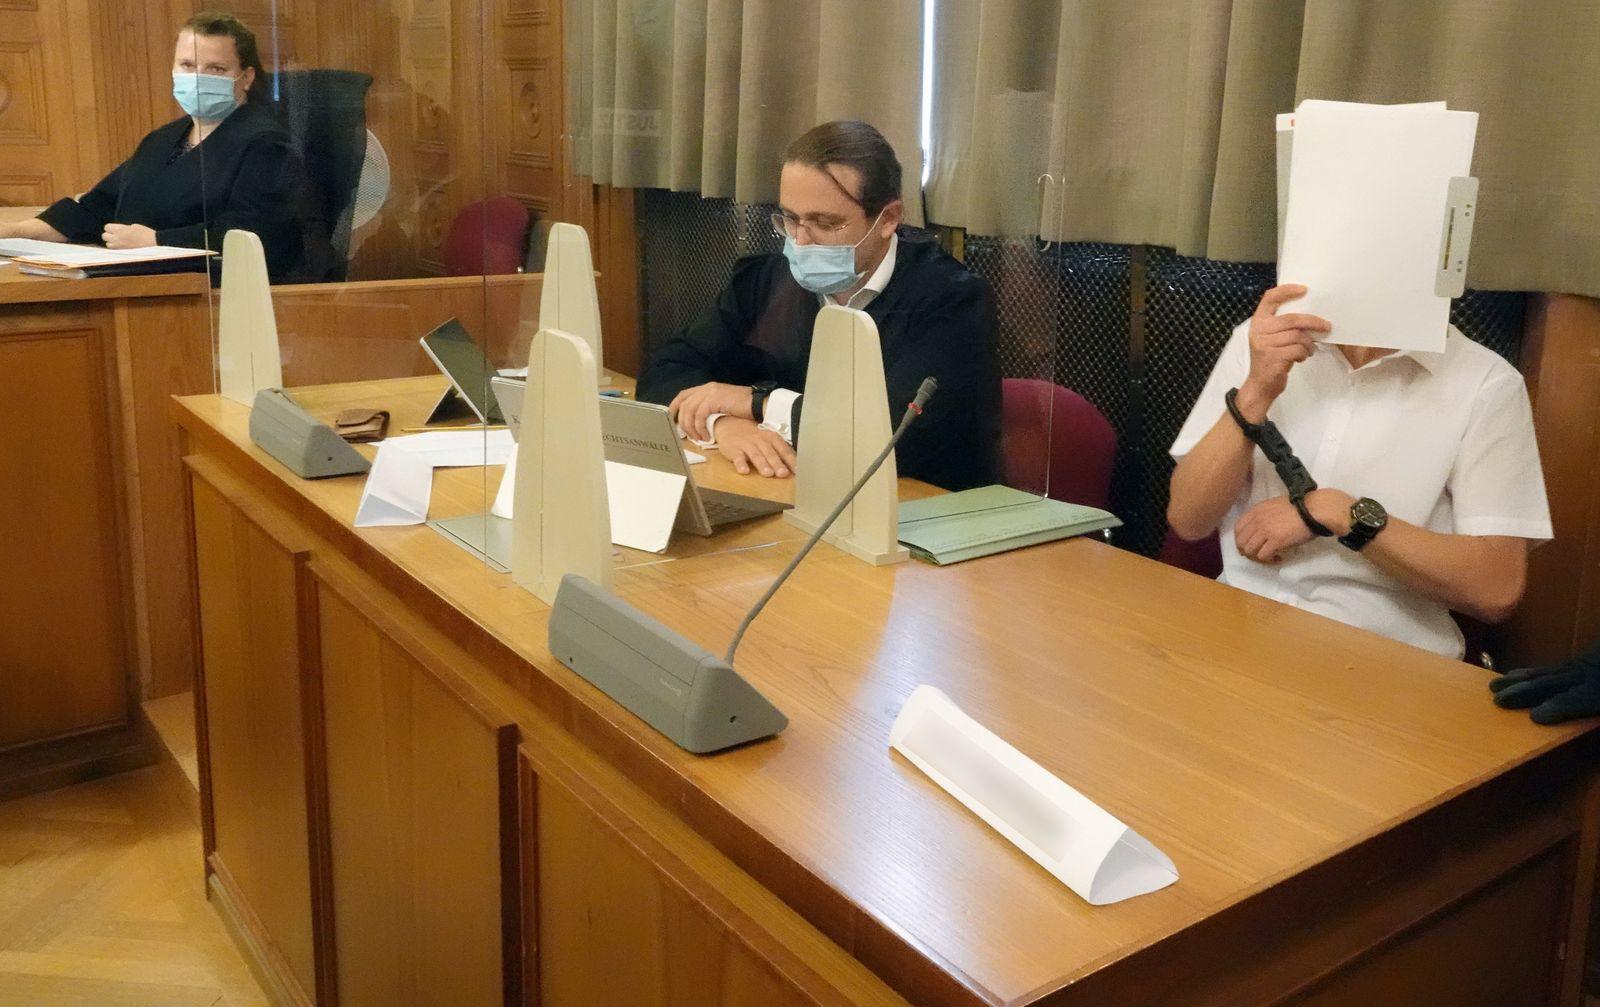 Tübinger Prozess um illegales Waffenlager